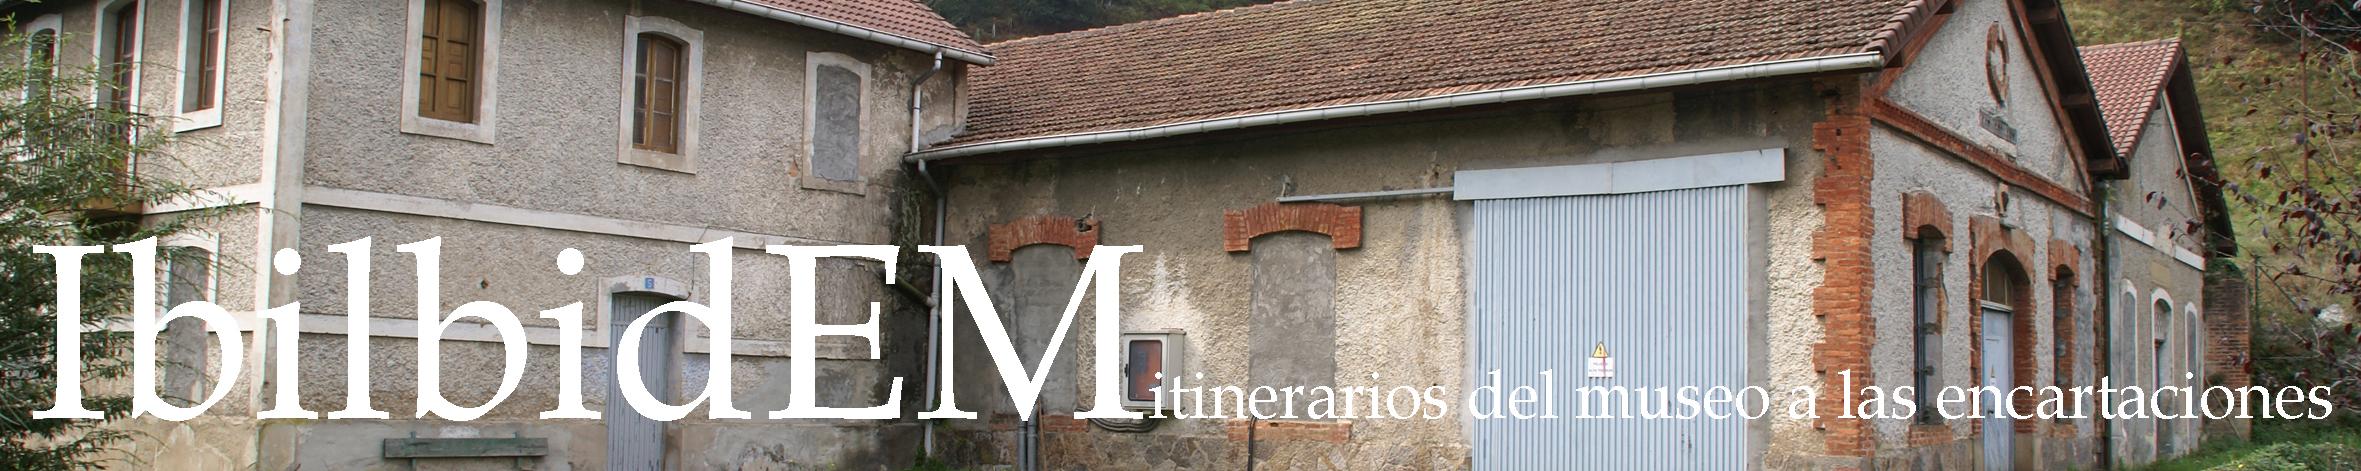 La Mella. Ferrería e hidroeléctrica. Zalla